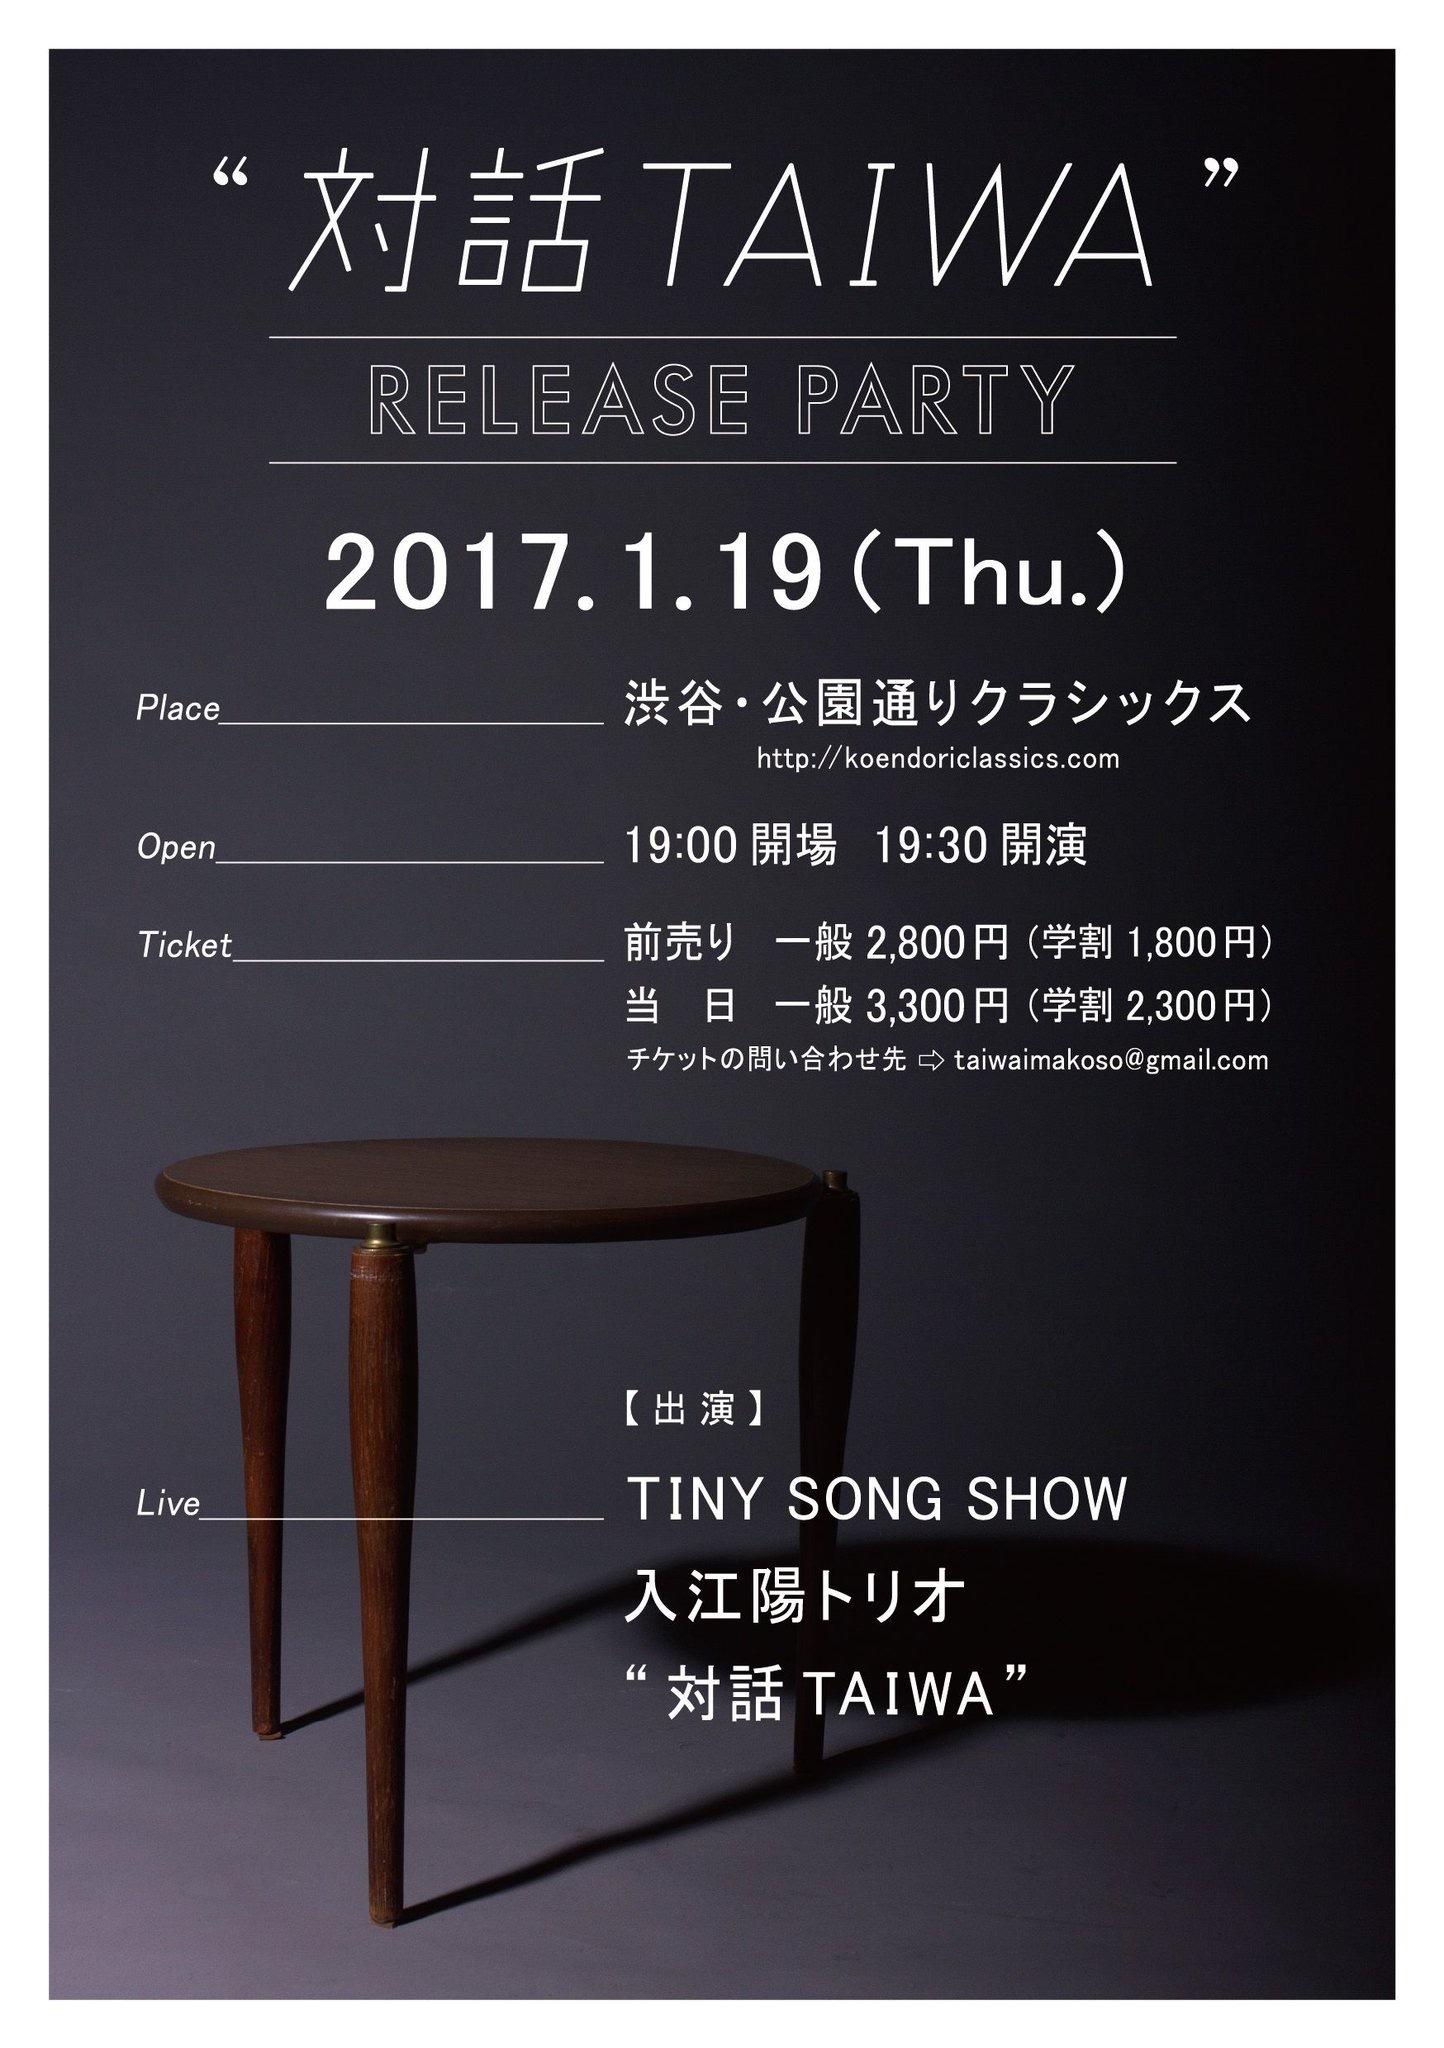 """""""対話TAIWA""""のリリースパーティフライヤー表面"""